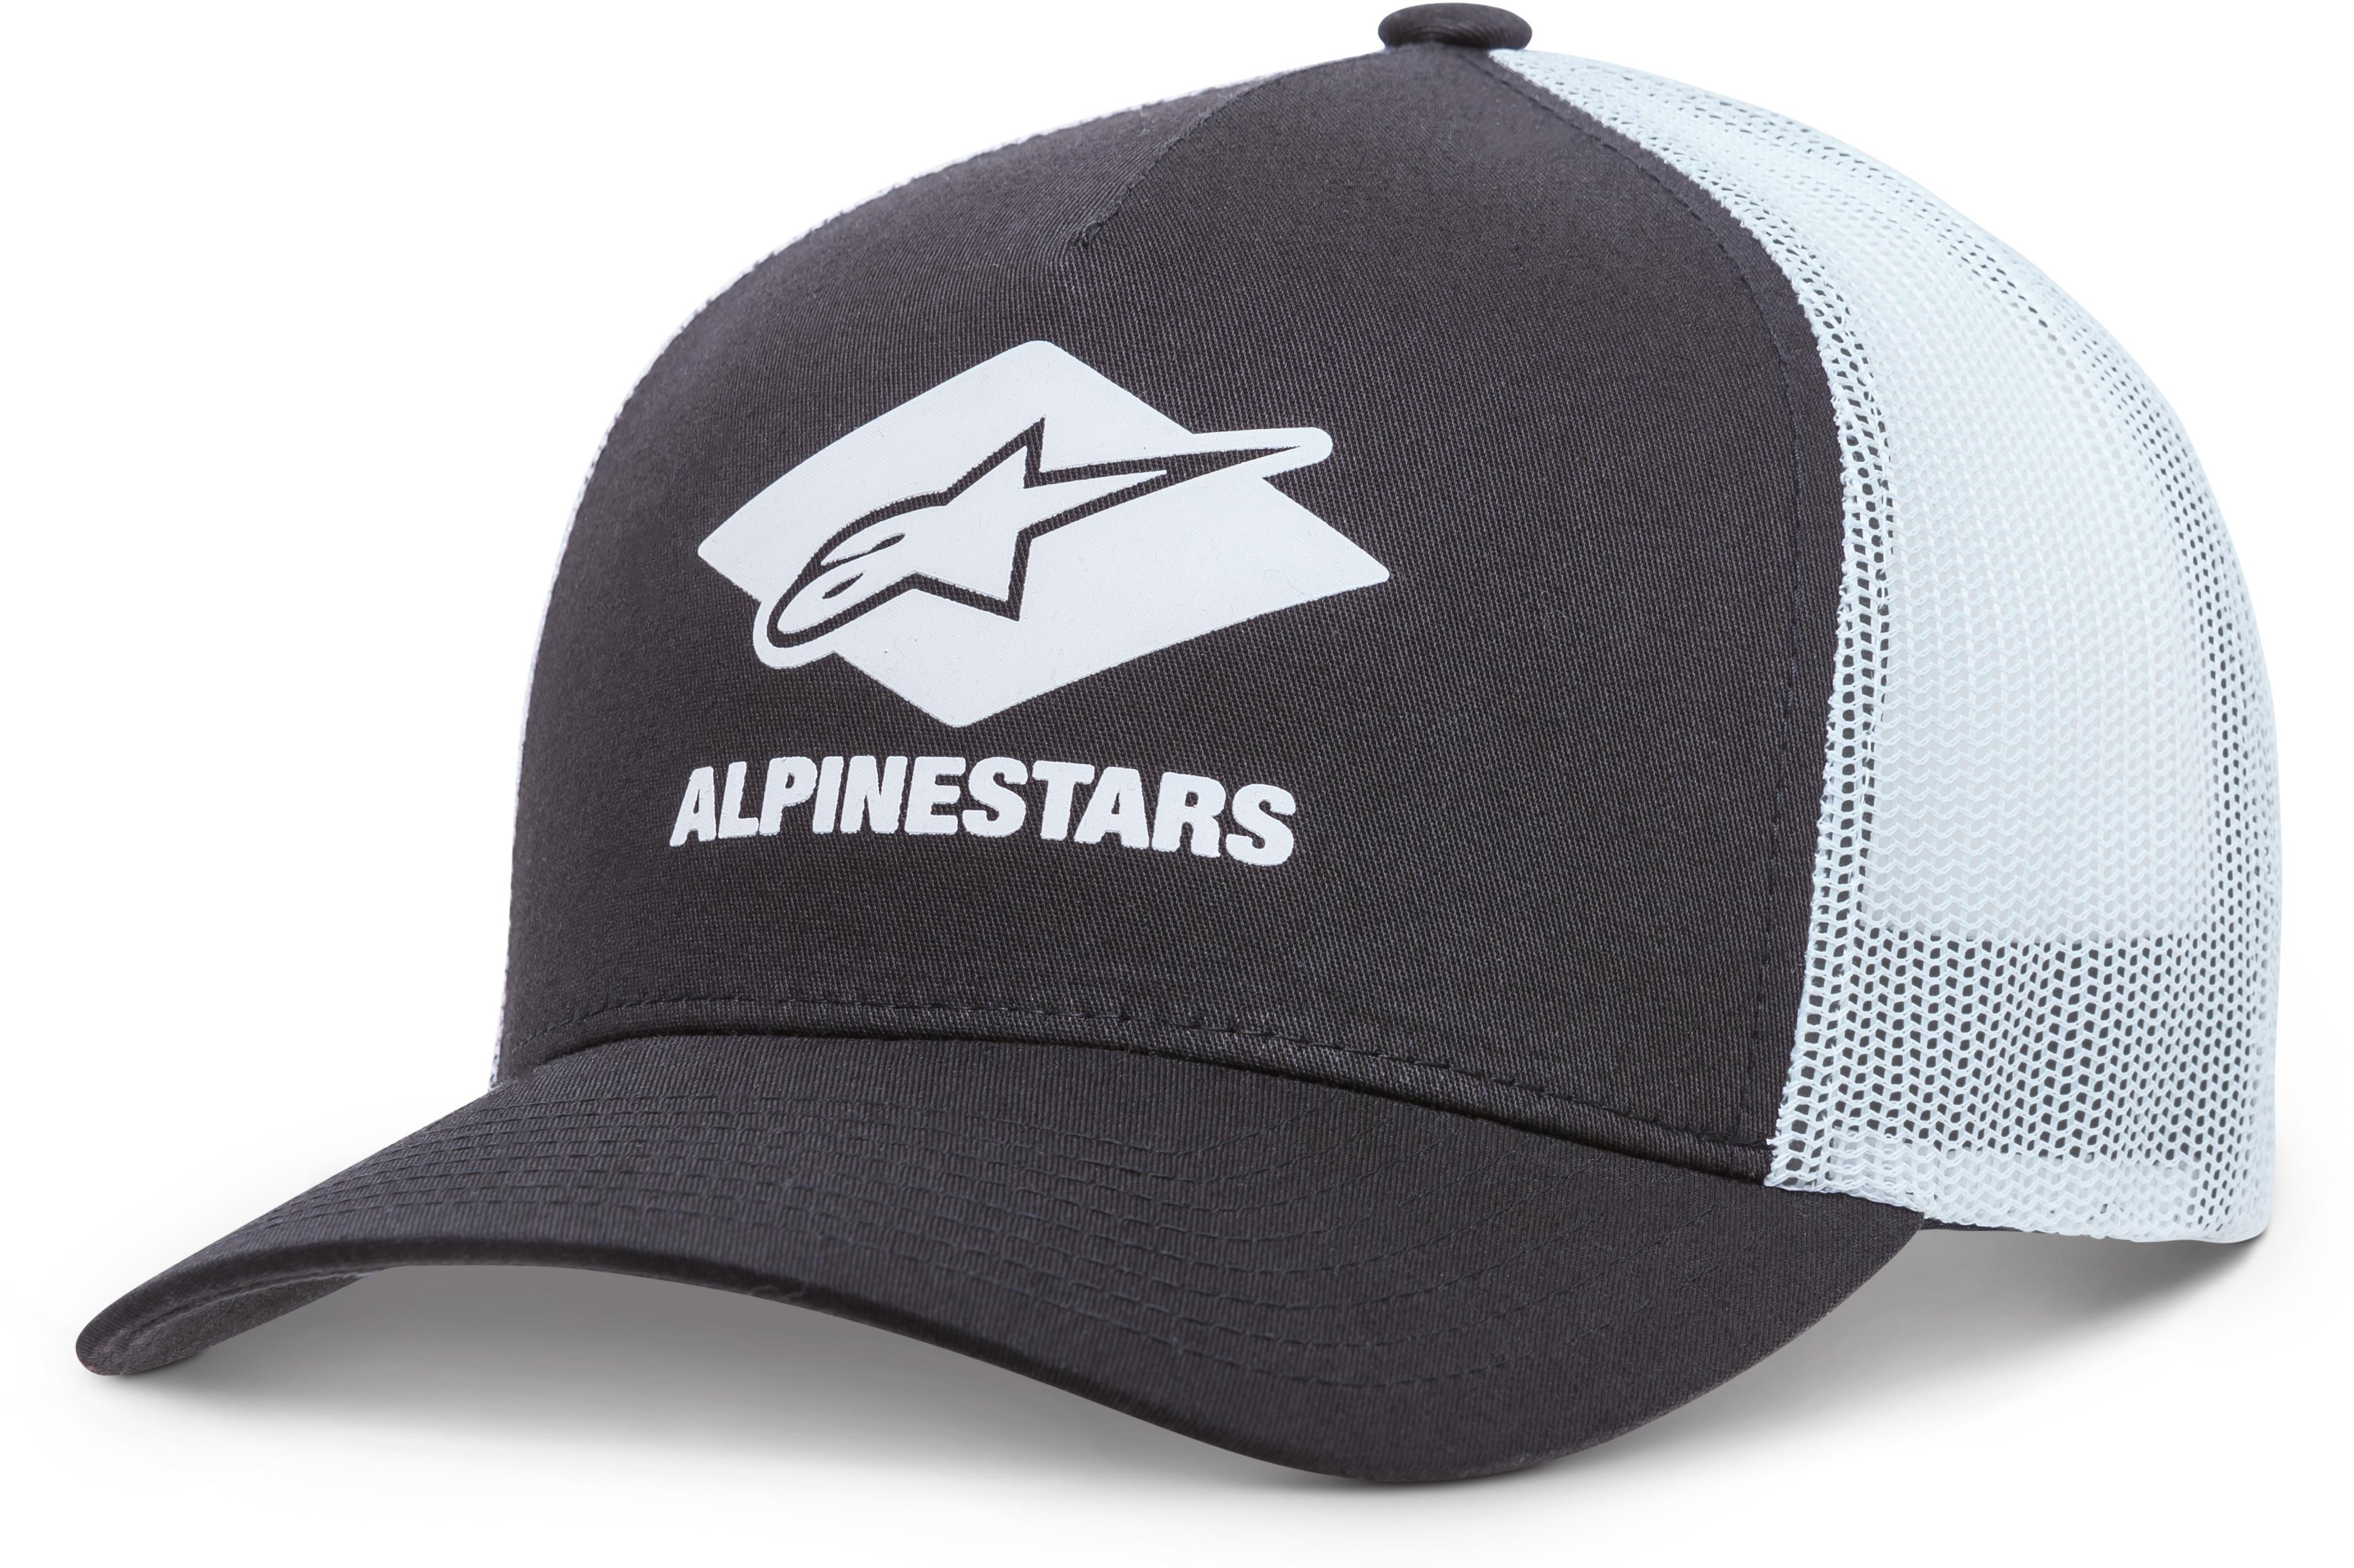 NEW Alpinestars Mx Ageless Black//White Womens Motocross Dirt Bike Summer Hat